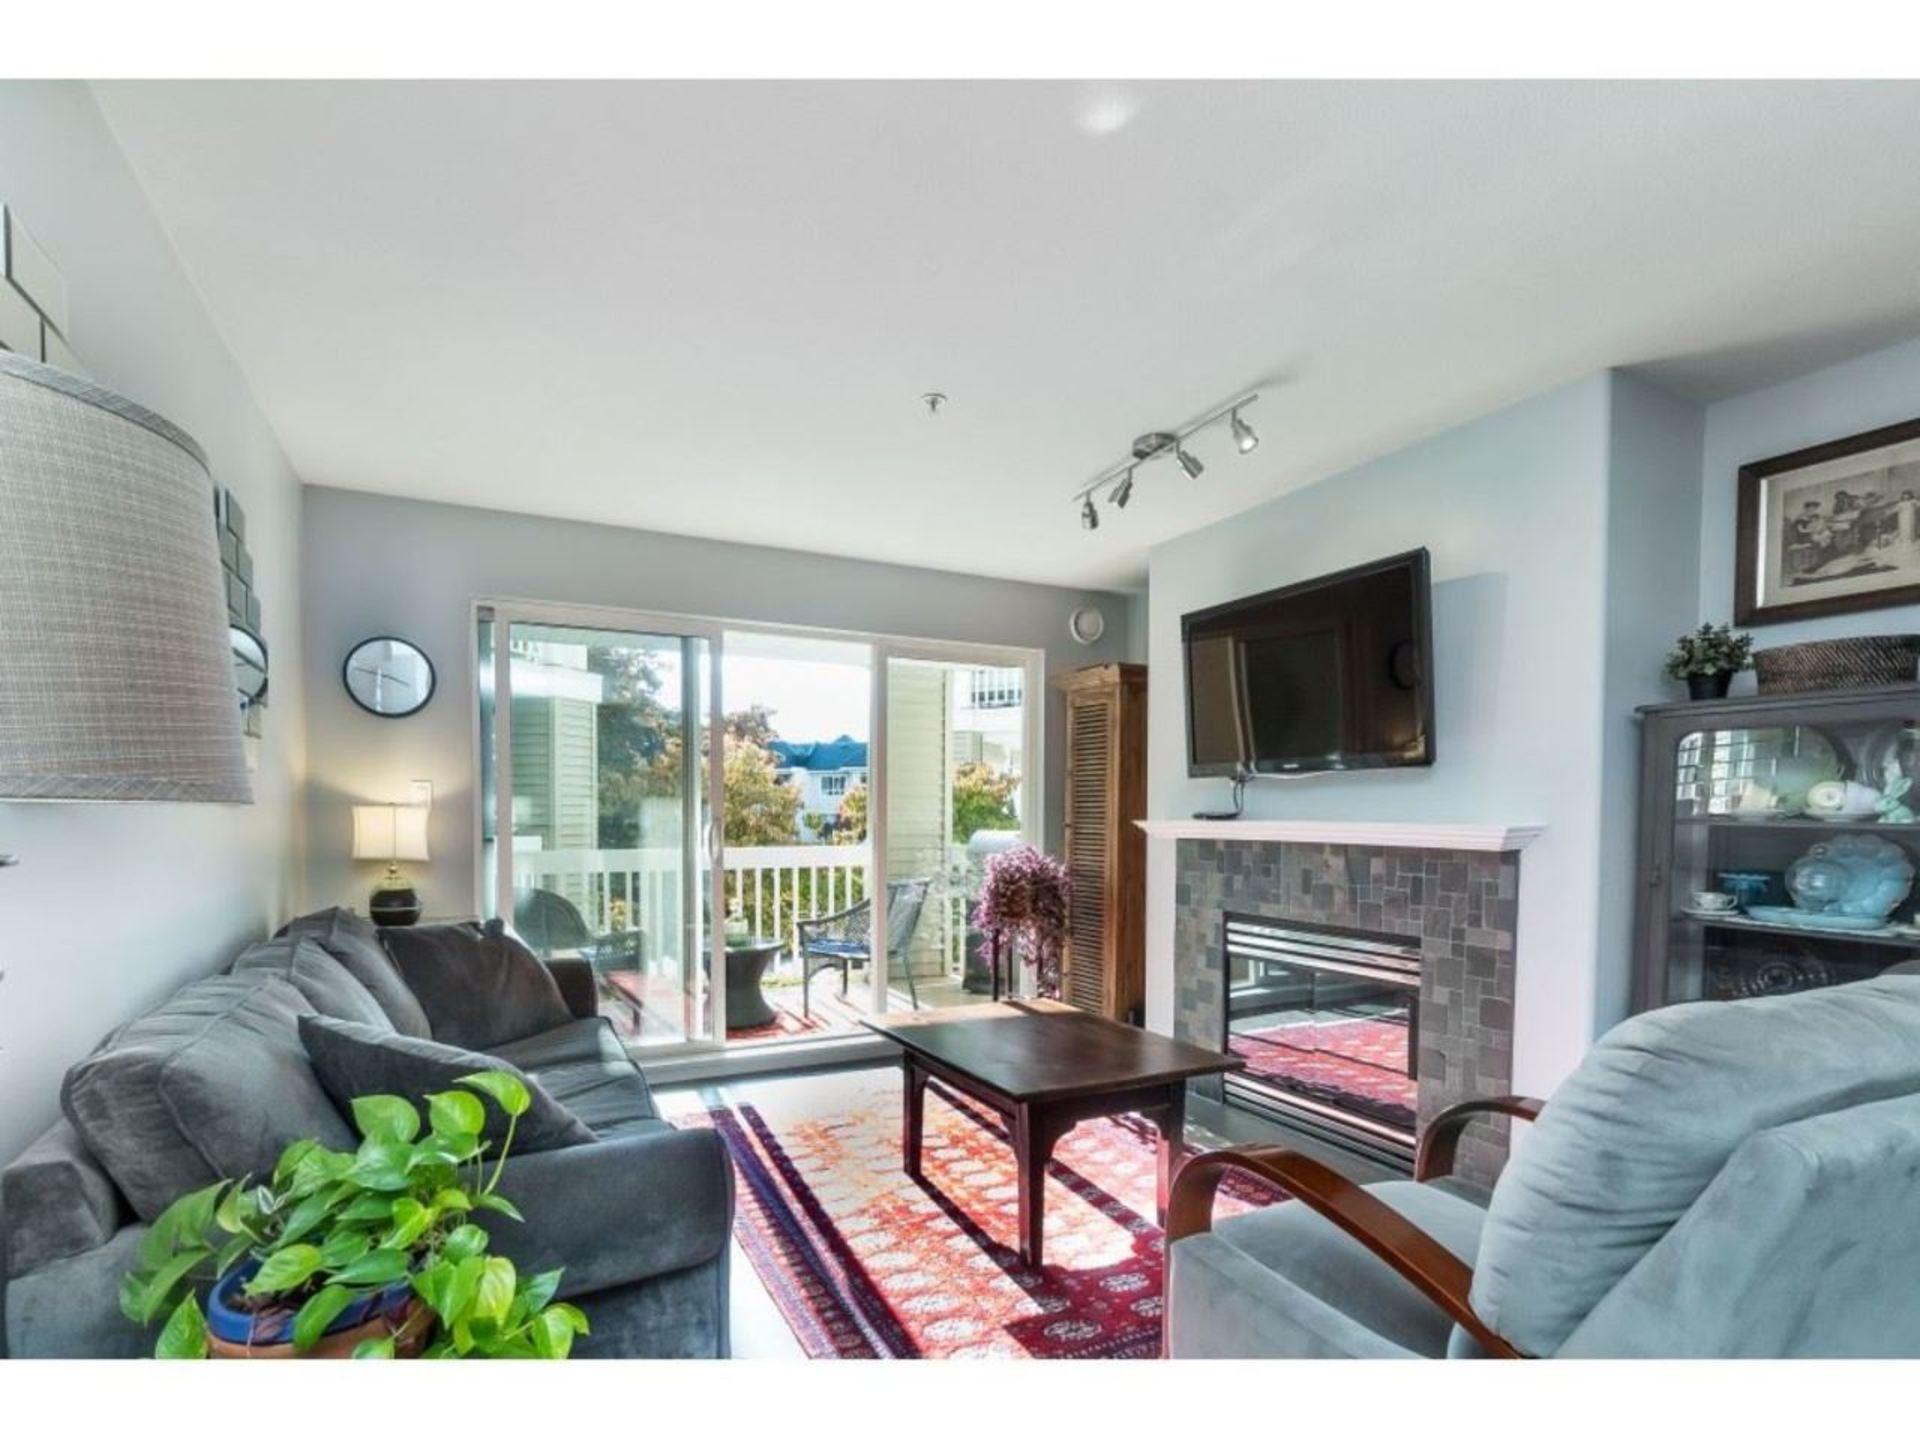 22022-49-avenue-murrayville-langley-09 at 202 - 22022 49 Avenue, Murrayville, Langley